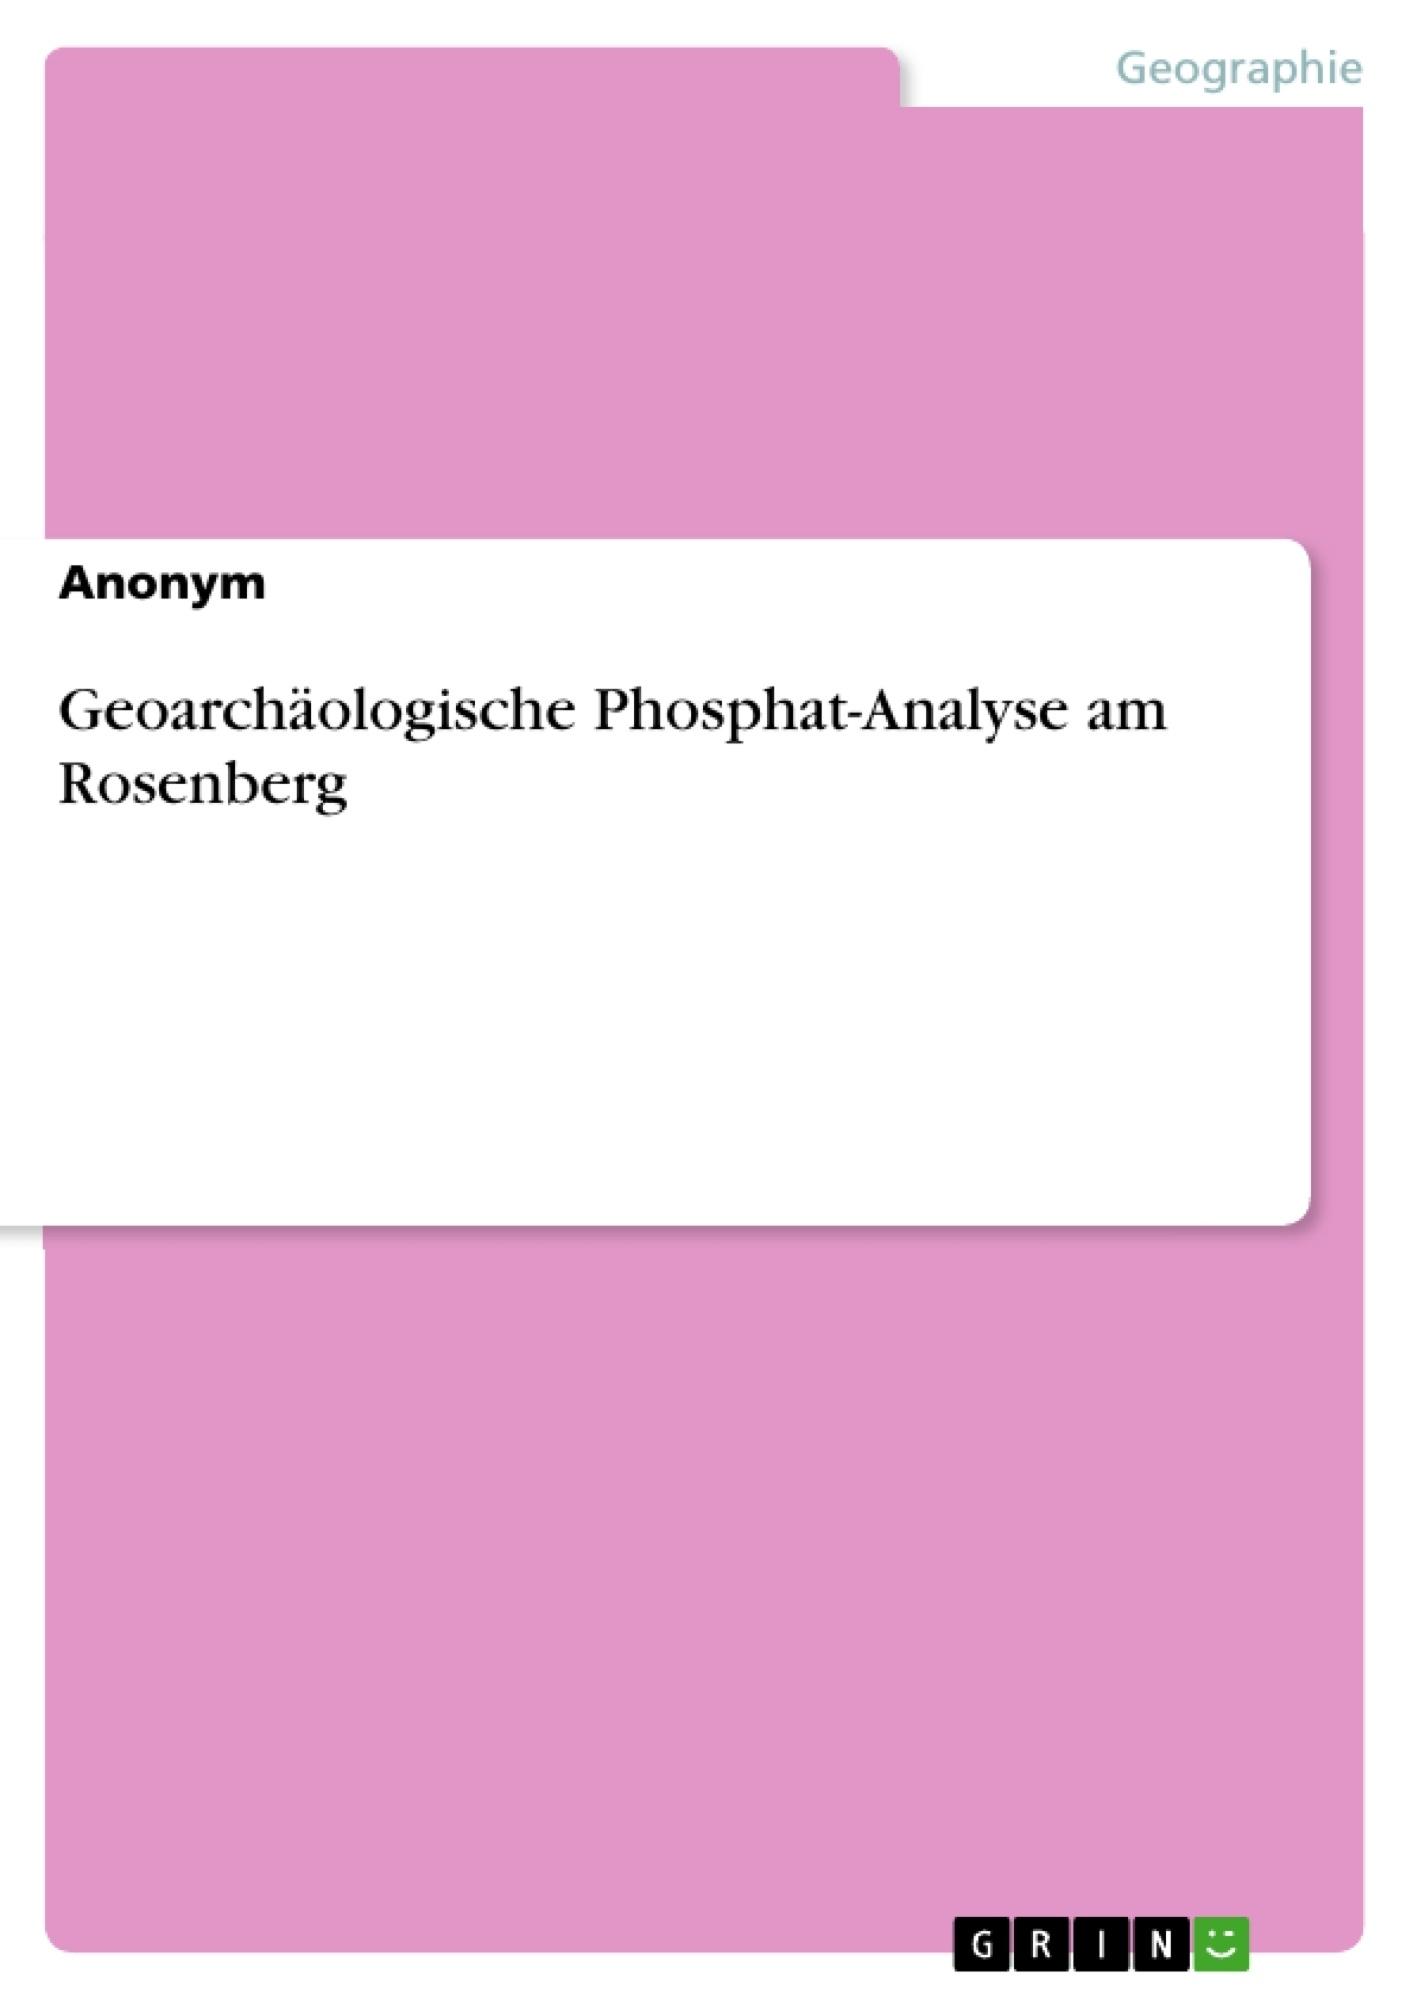 Titel: Geoarchäologische Phosphat-Analyse am Rosenberg